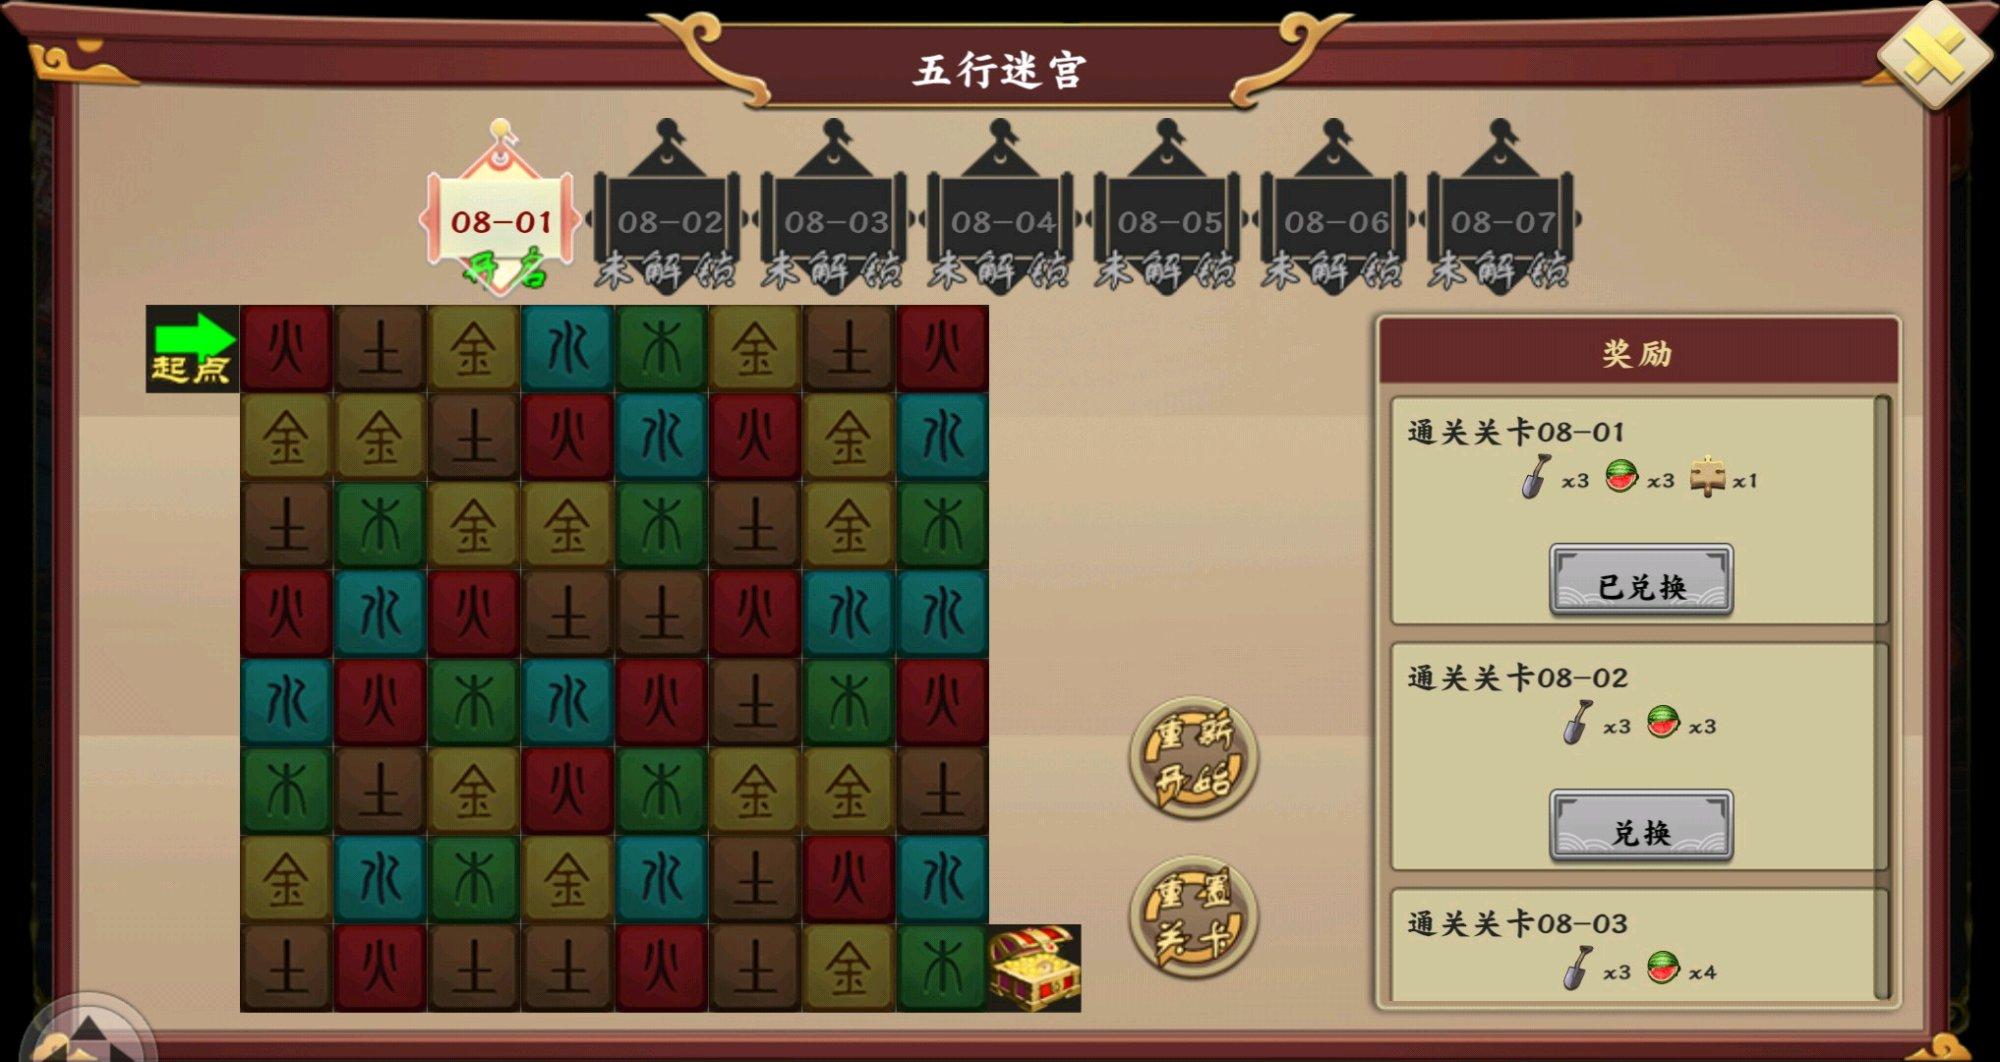 皇帝成长计划2大雁塔五行迷宫怎么玩 技巧玩法攻略